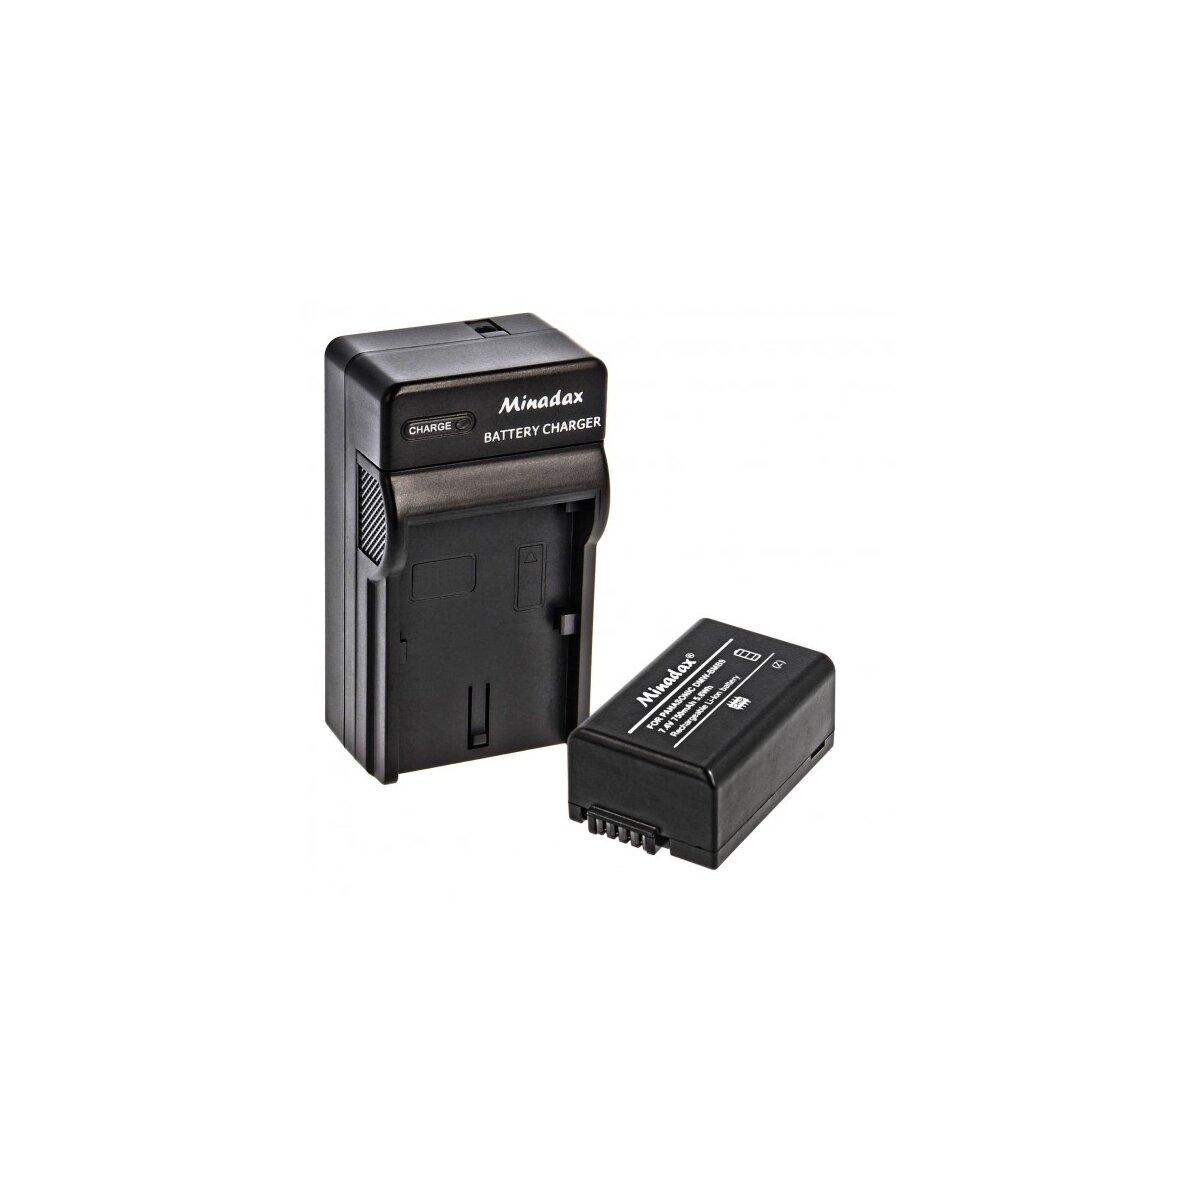 Minadax® Ladegeraet 100% kompatibel fuer Panasonic DMW-BMB9 inkl. Auto Ladekabel, Ladeschale austauschbar + 1x Akku wie DMW-BMB9